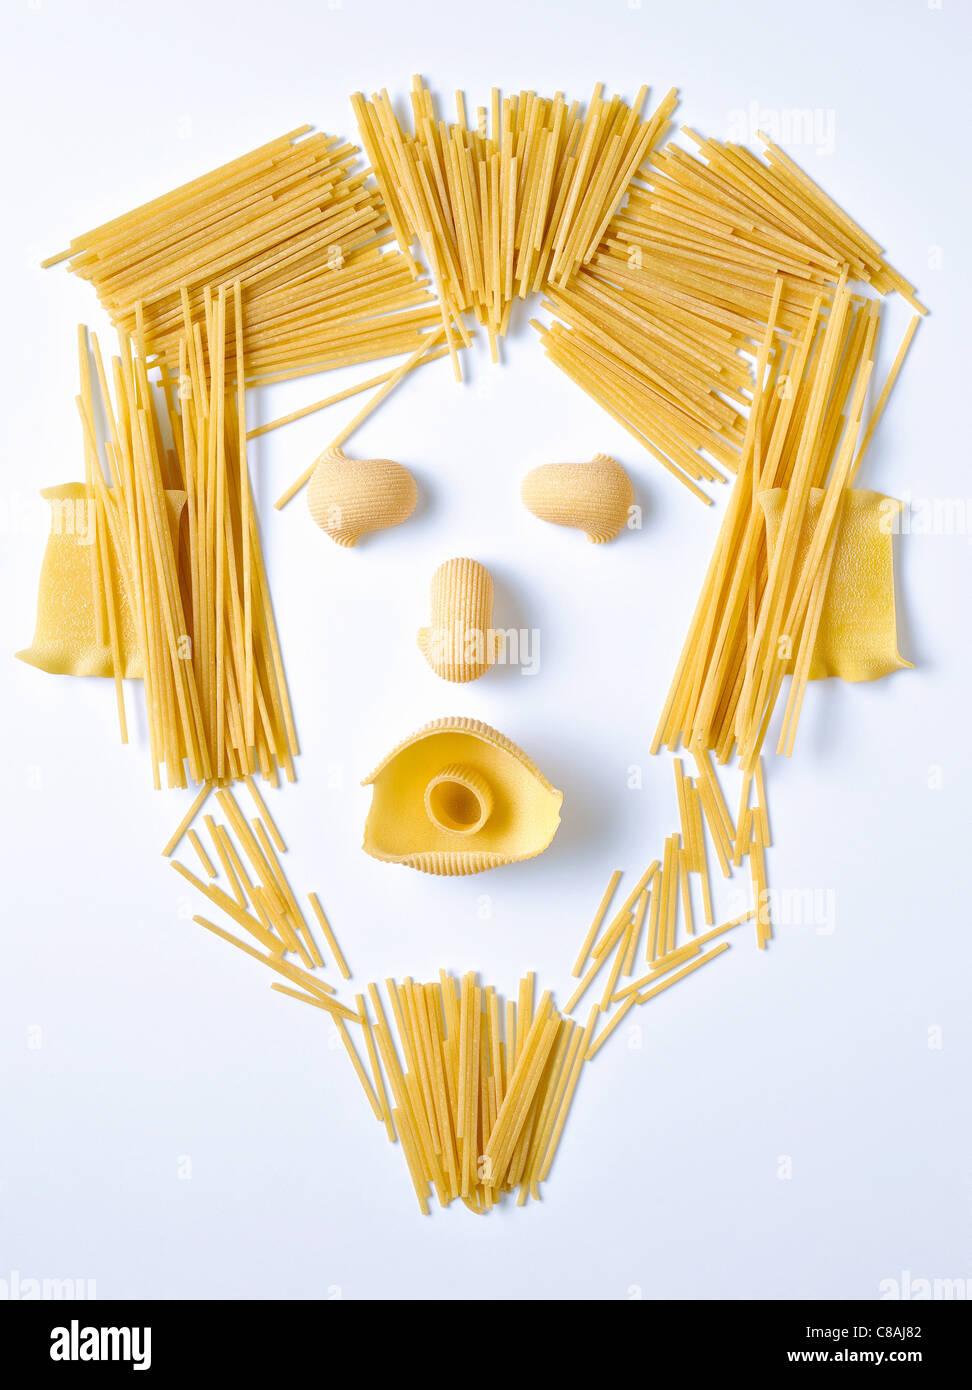 Les pâtes et les spaghettis dans la forme d'un visage Photo Stock